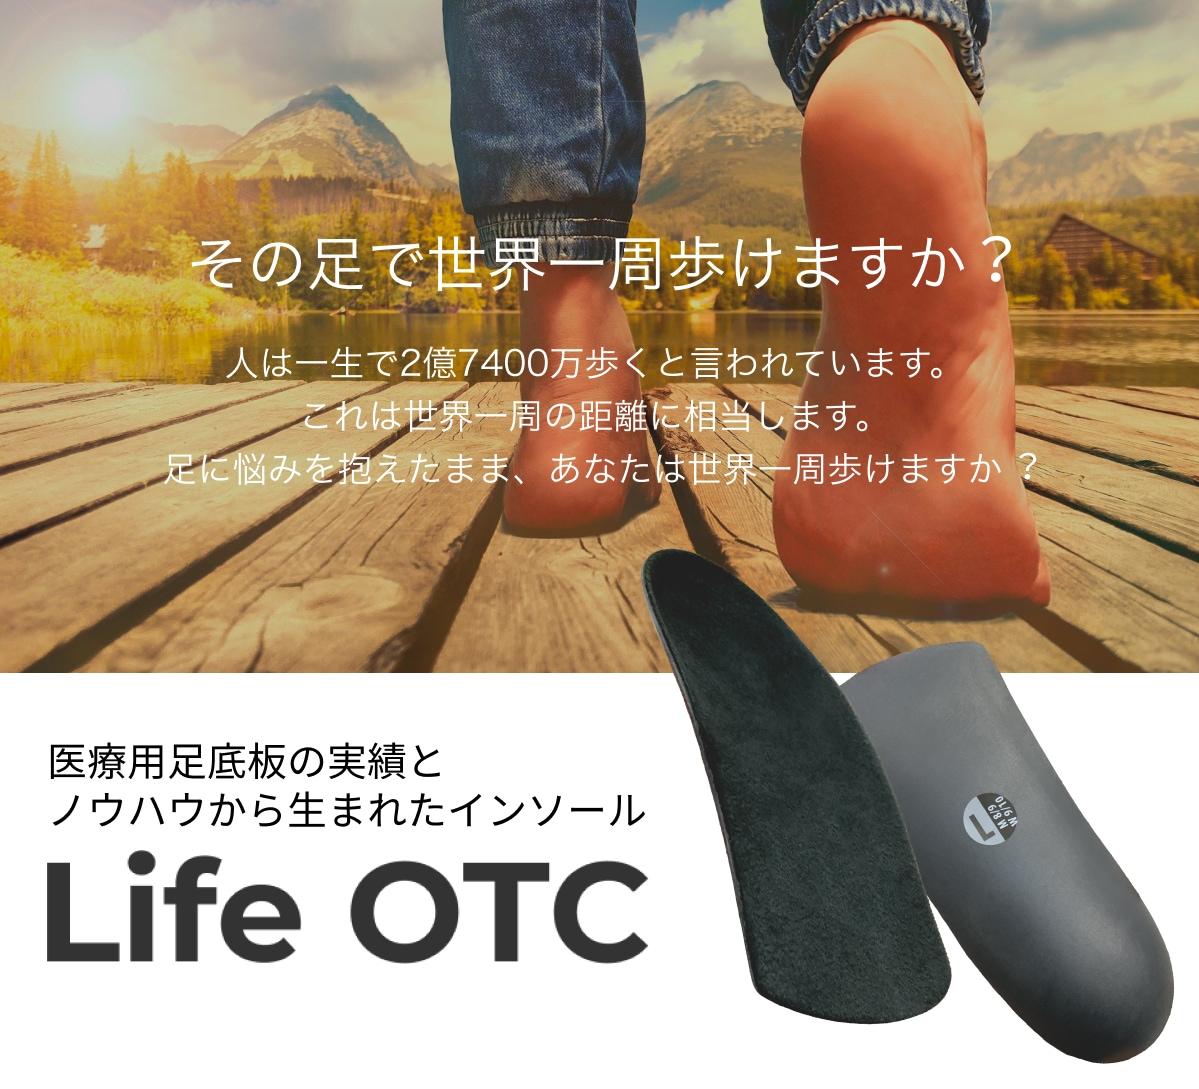 Life-OTC あなたのLIFEをサポートするインソール